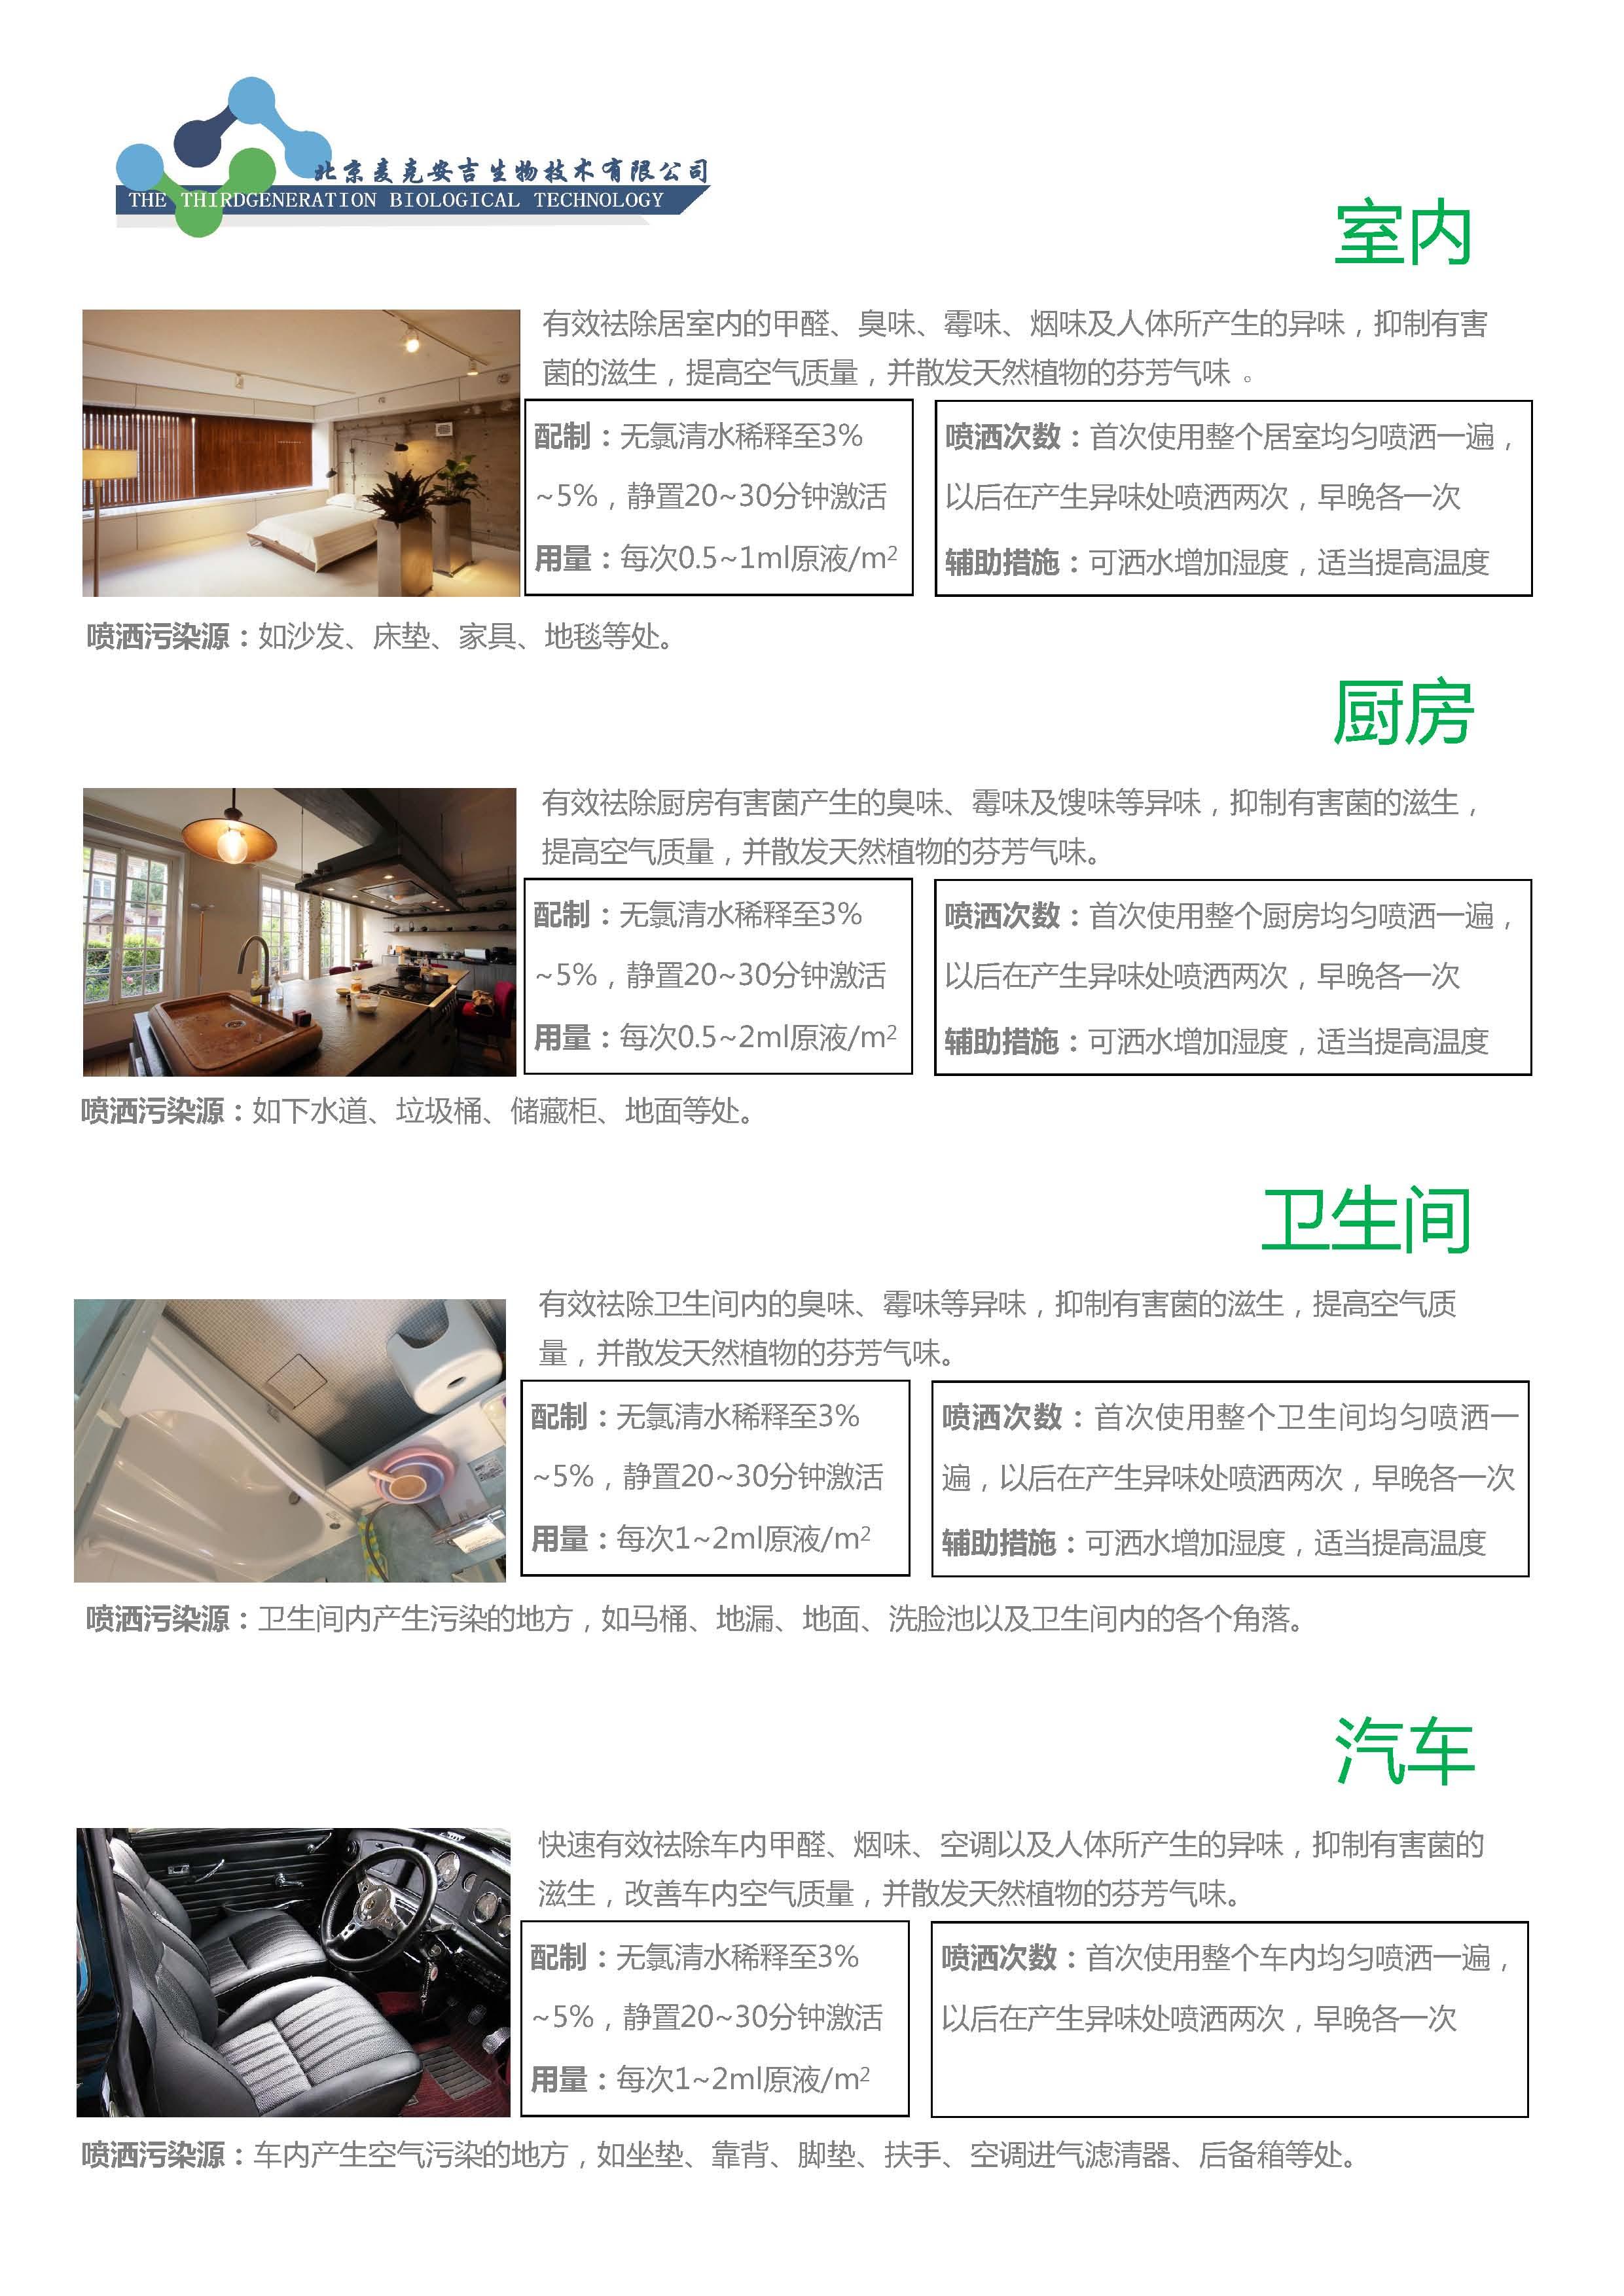 空气净化产品_Page_5